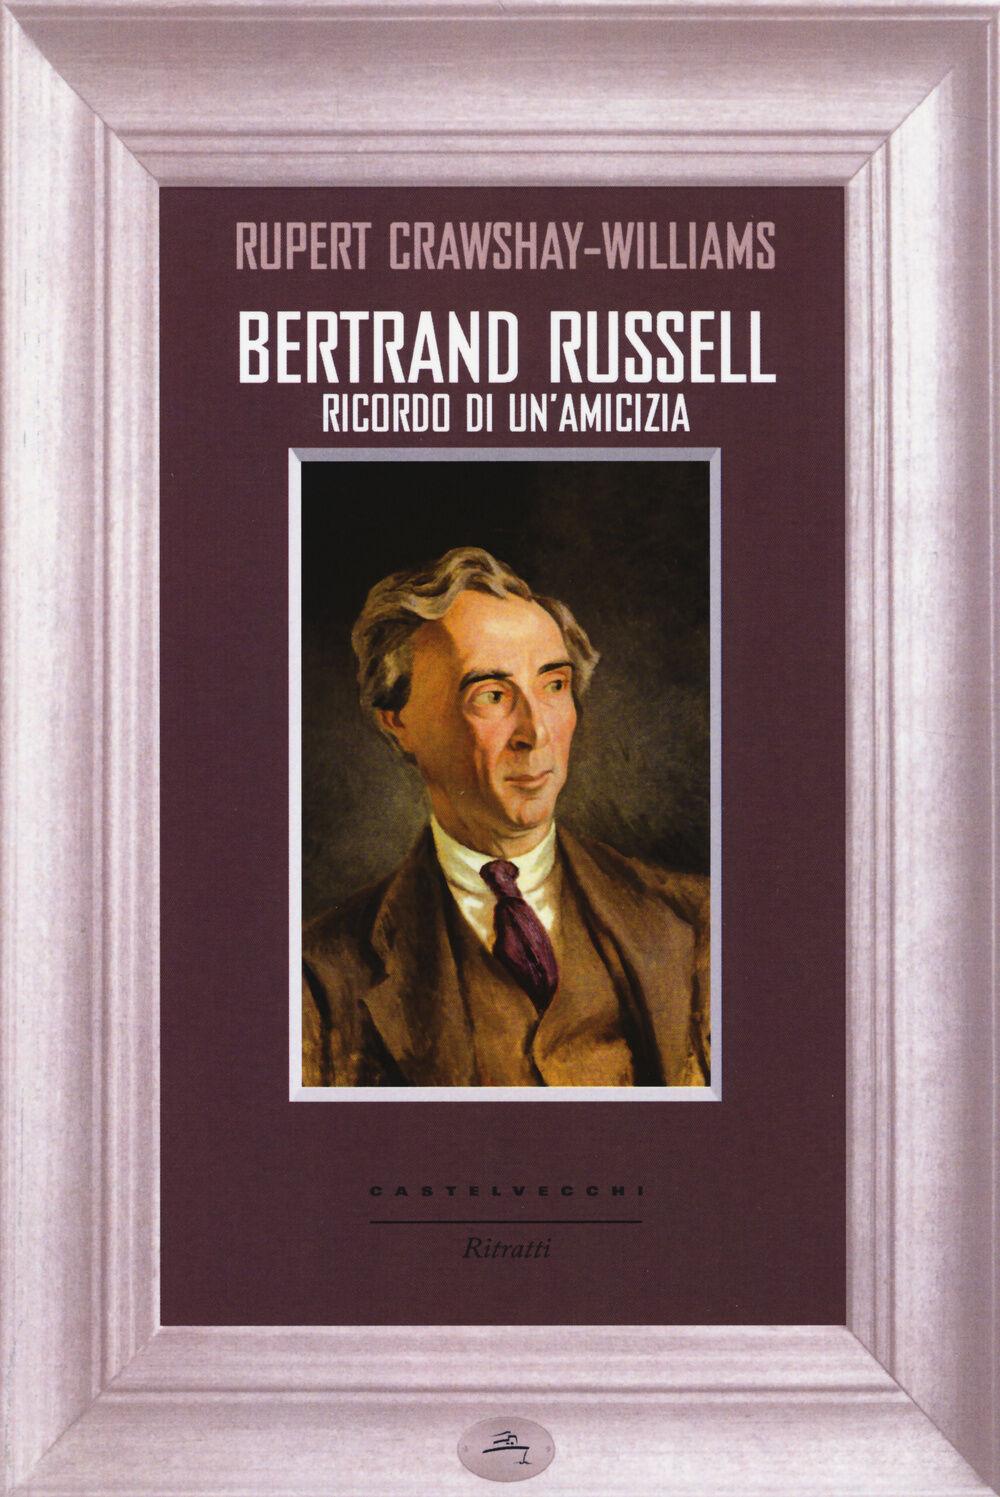 Bertrand Russell. Ricordo di un'amicizia